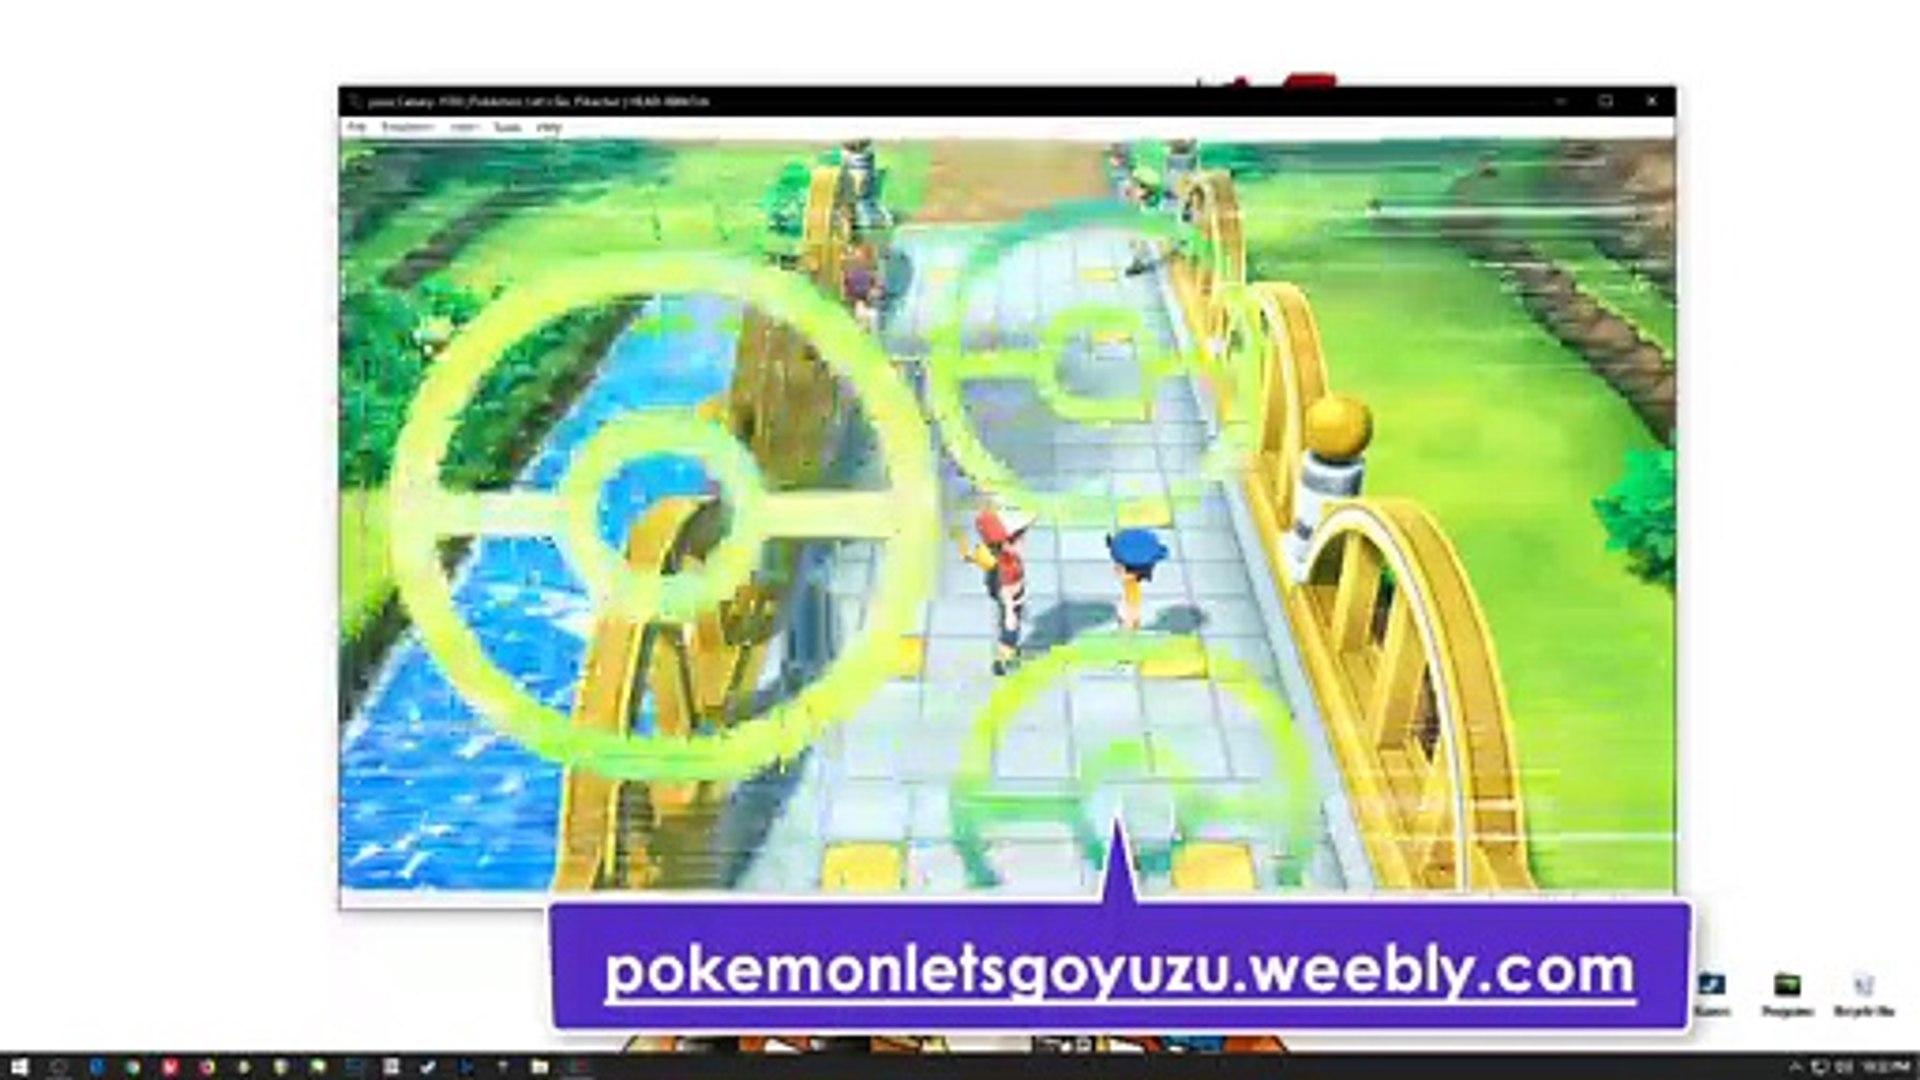 YUZU EMULATOR DESCARGAR Pokémon Let's Go Pikachu PC